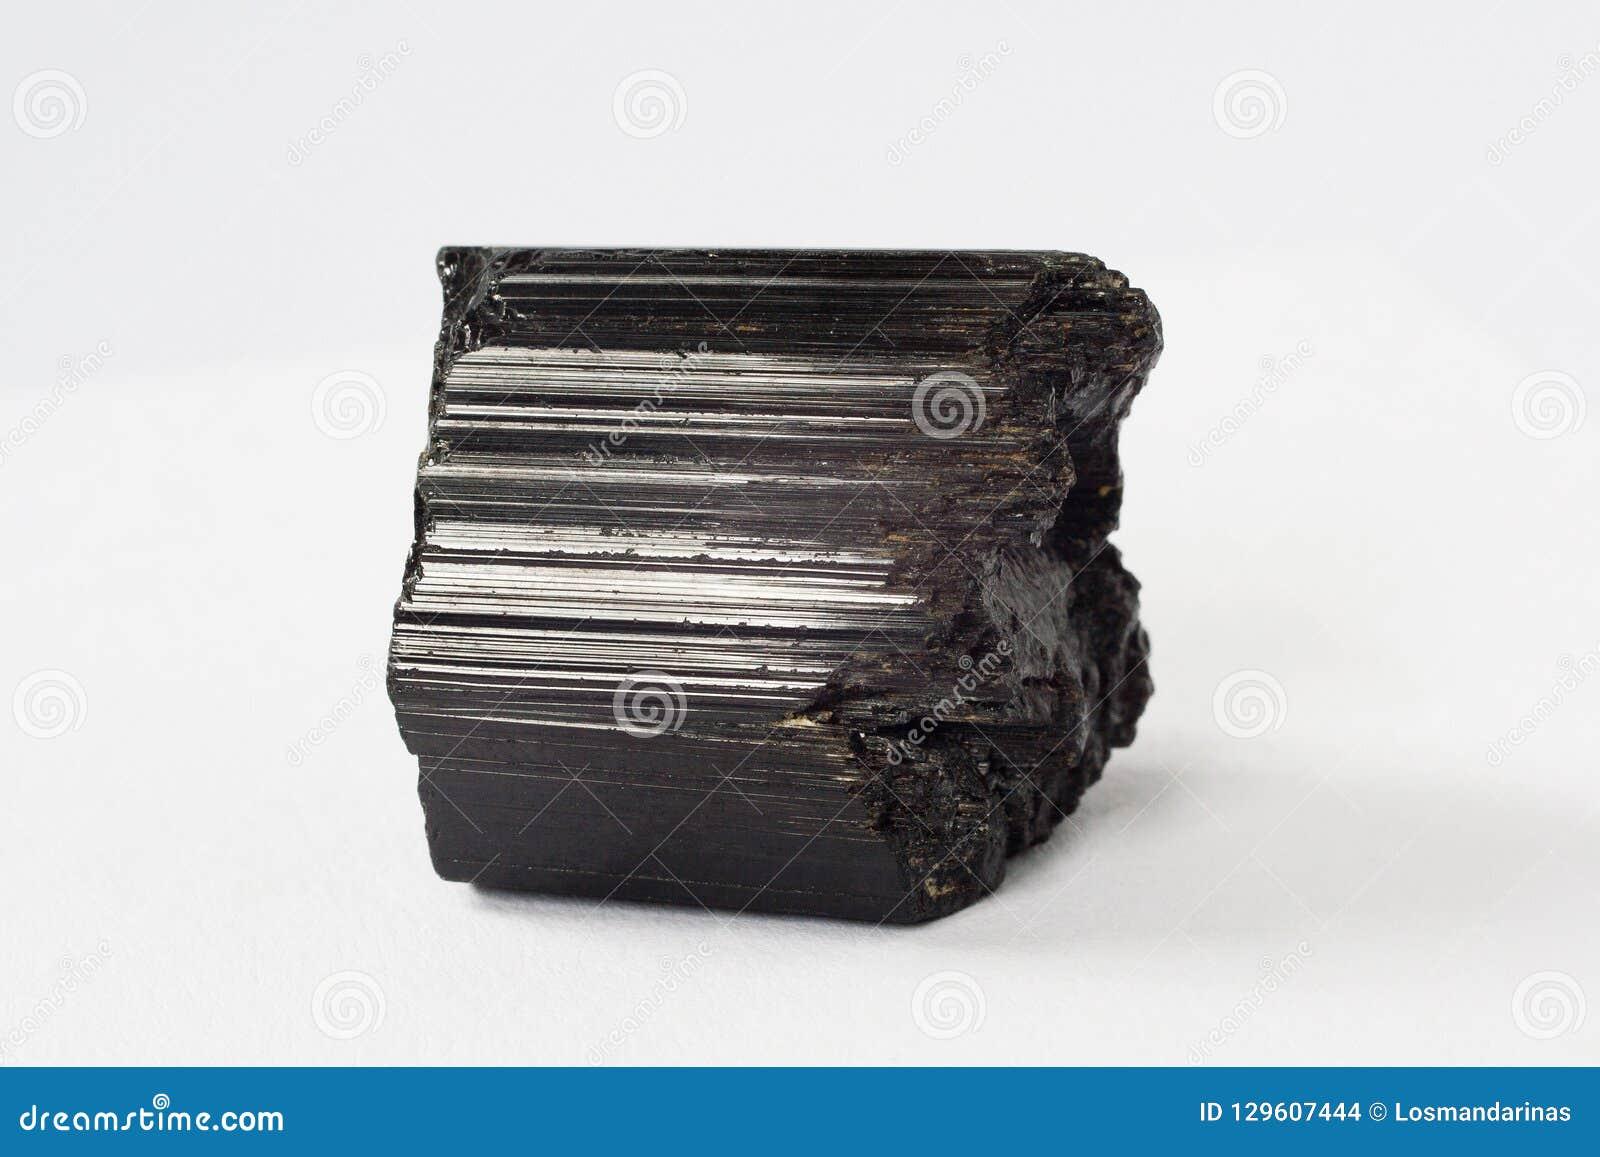 Schorl mineral also black tourmaline on white background